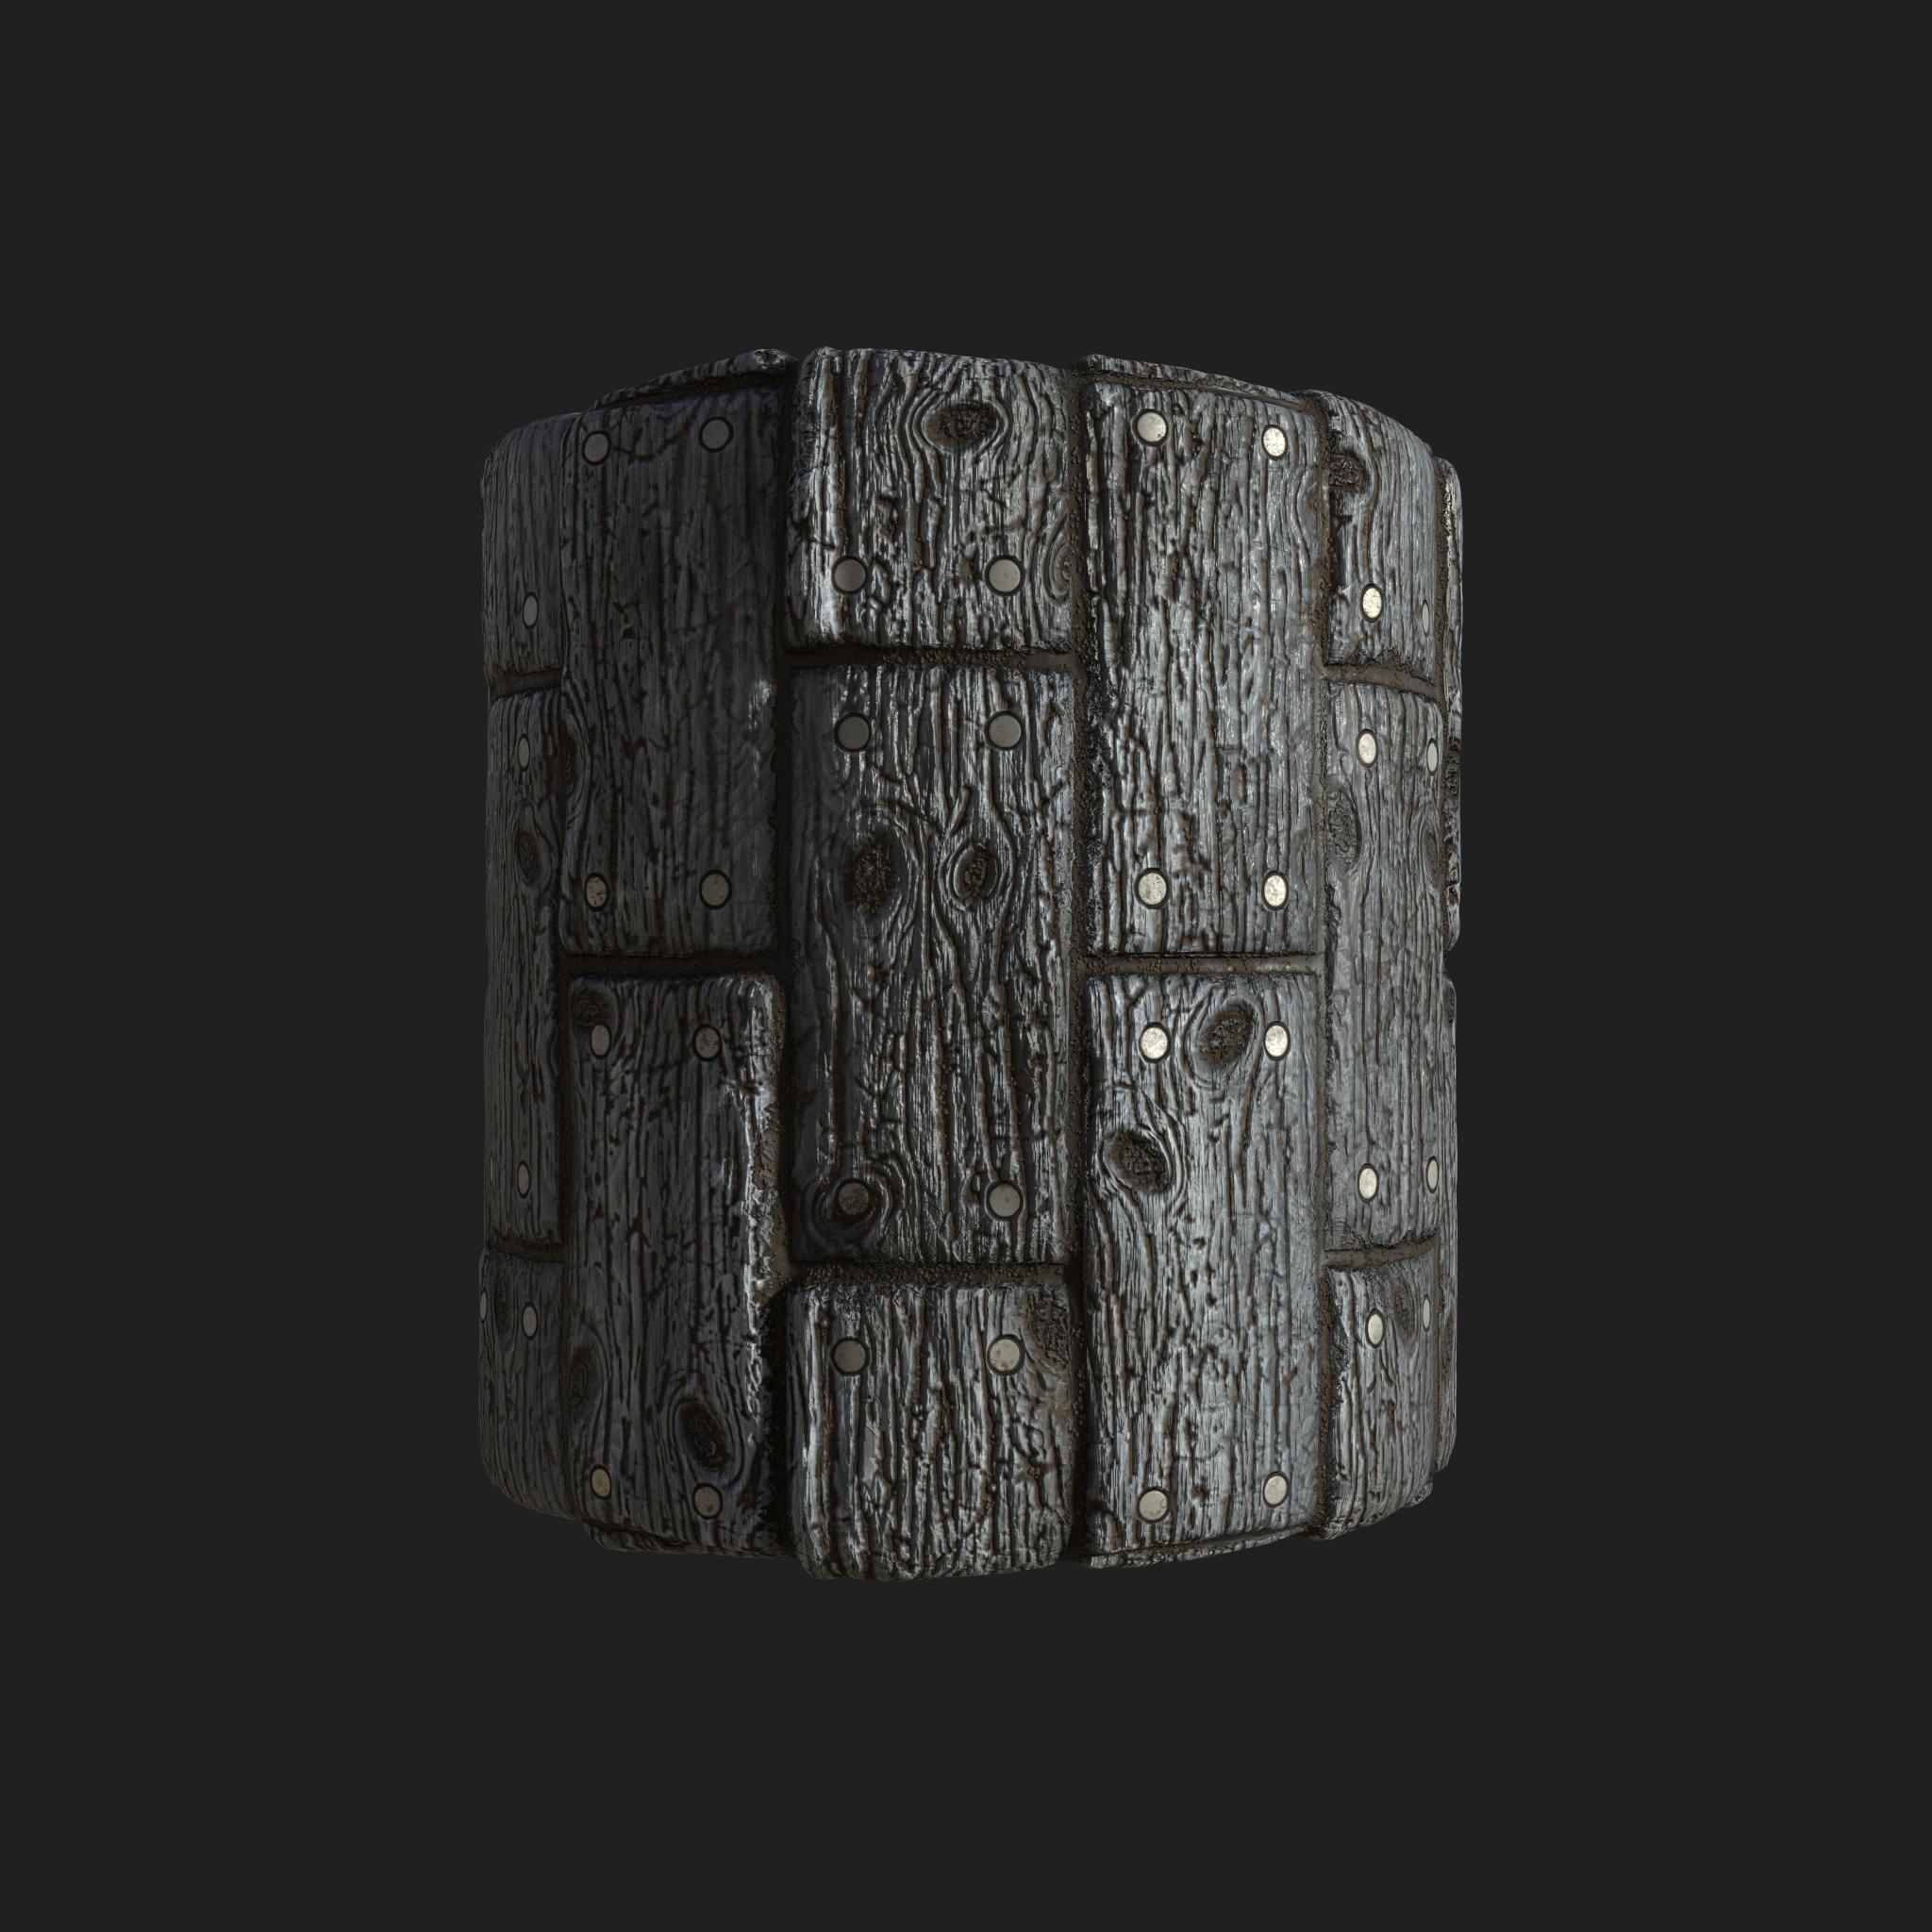 blue_aged_wood_render_v3.png